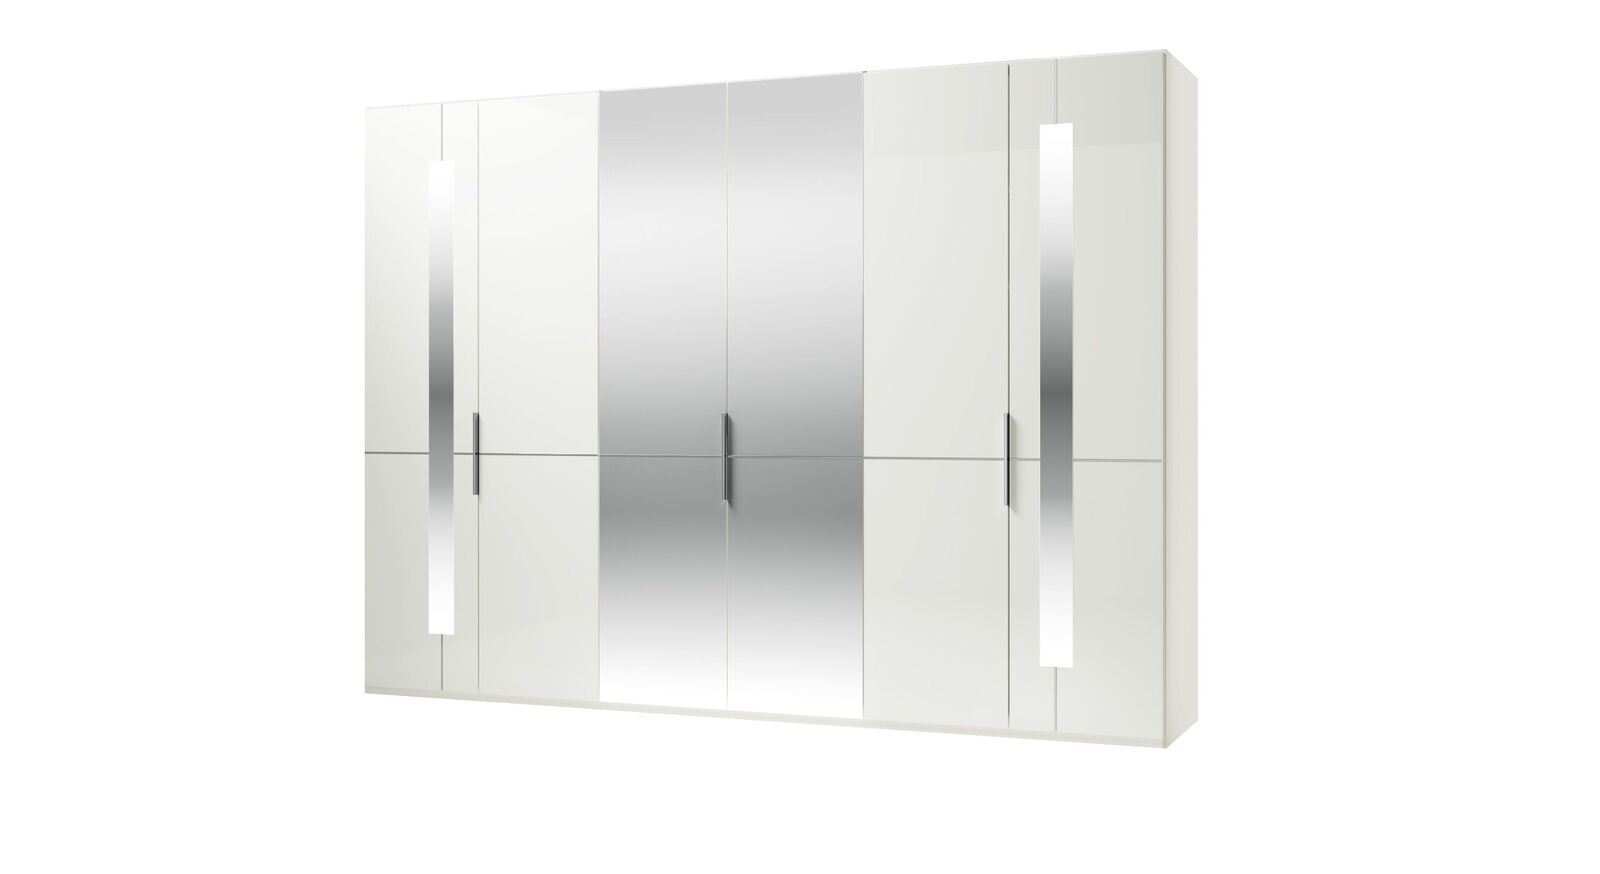 GALLERY M Spiegel-Drehtüren-Kleiderschrank IMOLA W in Weiß mit Zierspiegel